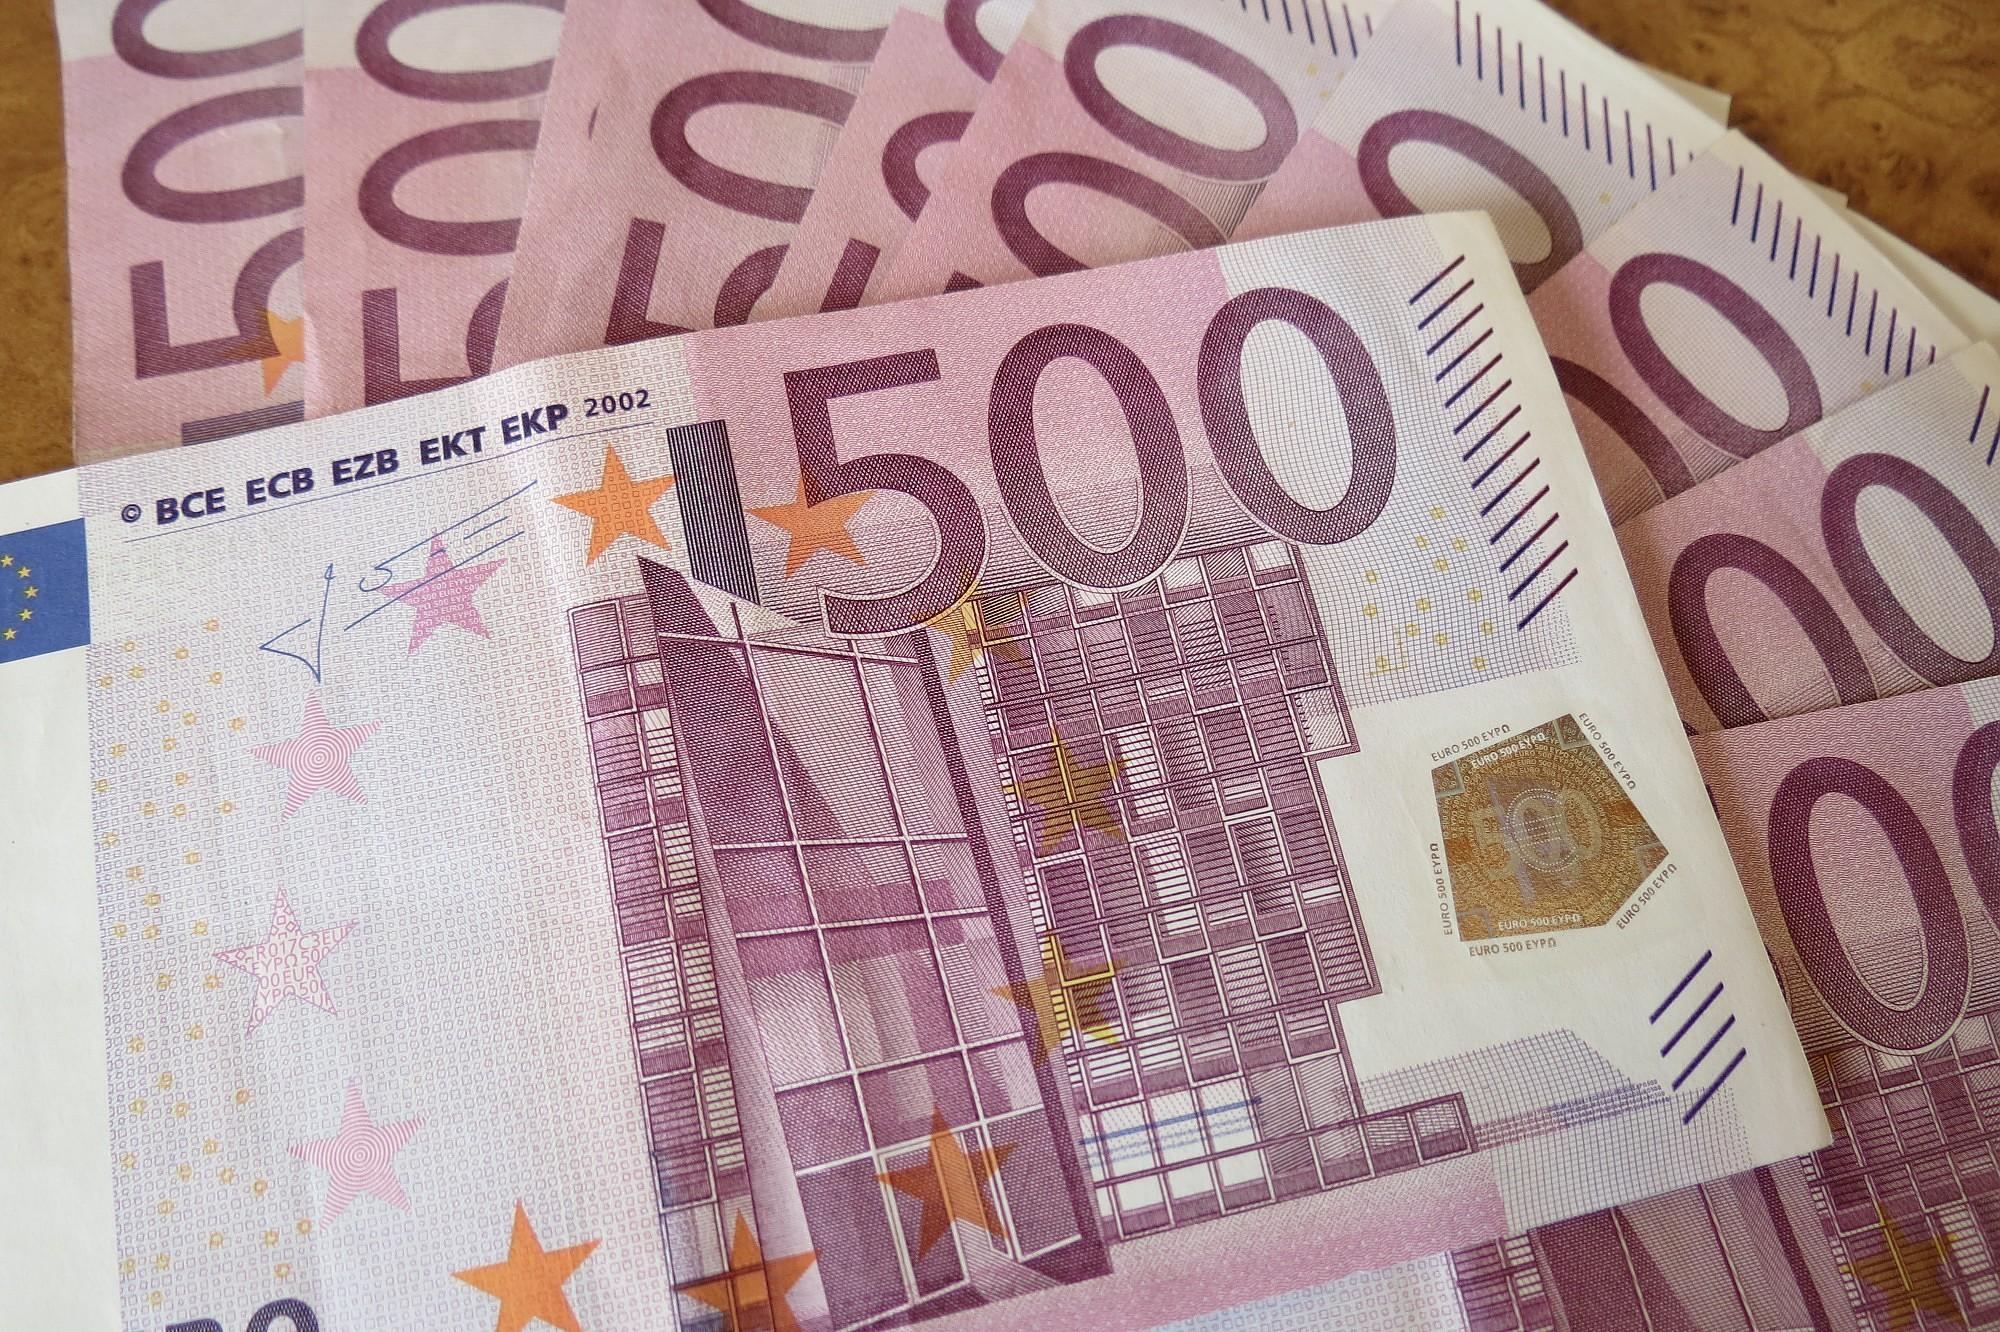 Министерства в 2019 году хотят дополнительно на повышение зарплат почти 142 млн евро